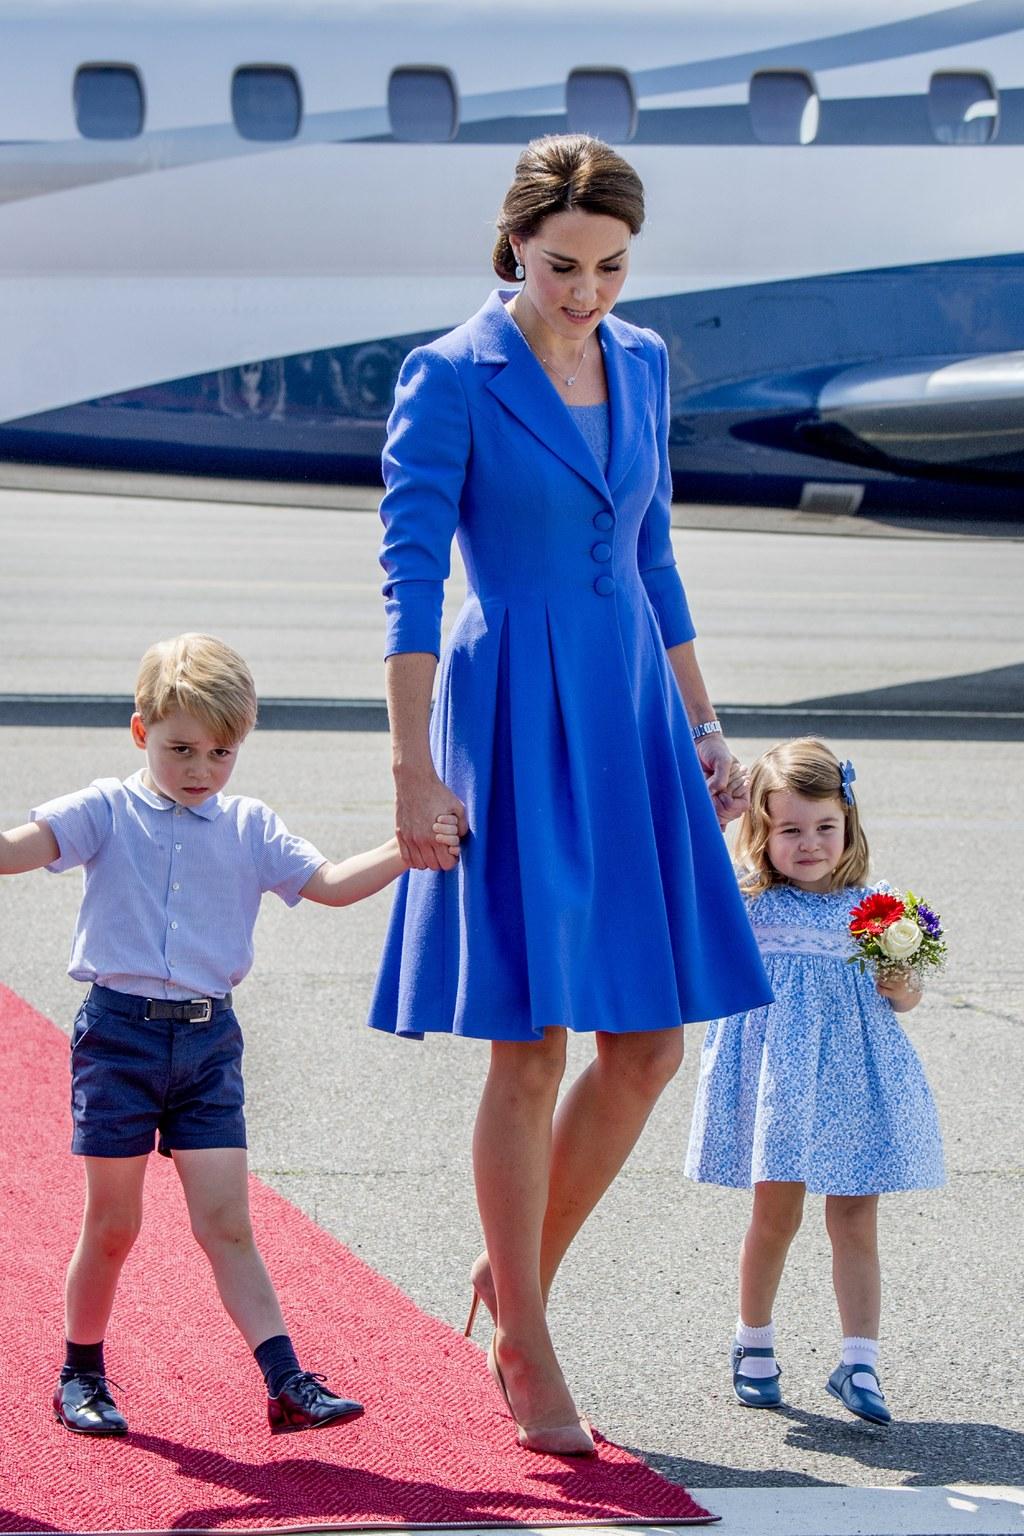 Katalin hercegnő, Vilmos cambridge-i hercegnek, a brit trónörökös elsőszülött fiának a felesége kislányukkal, Sarolta hercegnővel és fiukkal, György herceggel a berlini repülőtéren tartott fogadási ünnepségen 2017. július 19-én. Fotó: MTI/EPA pool/Robin Utrecht